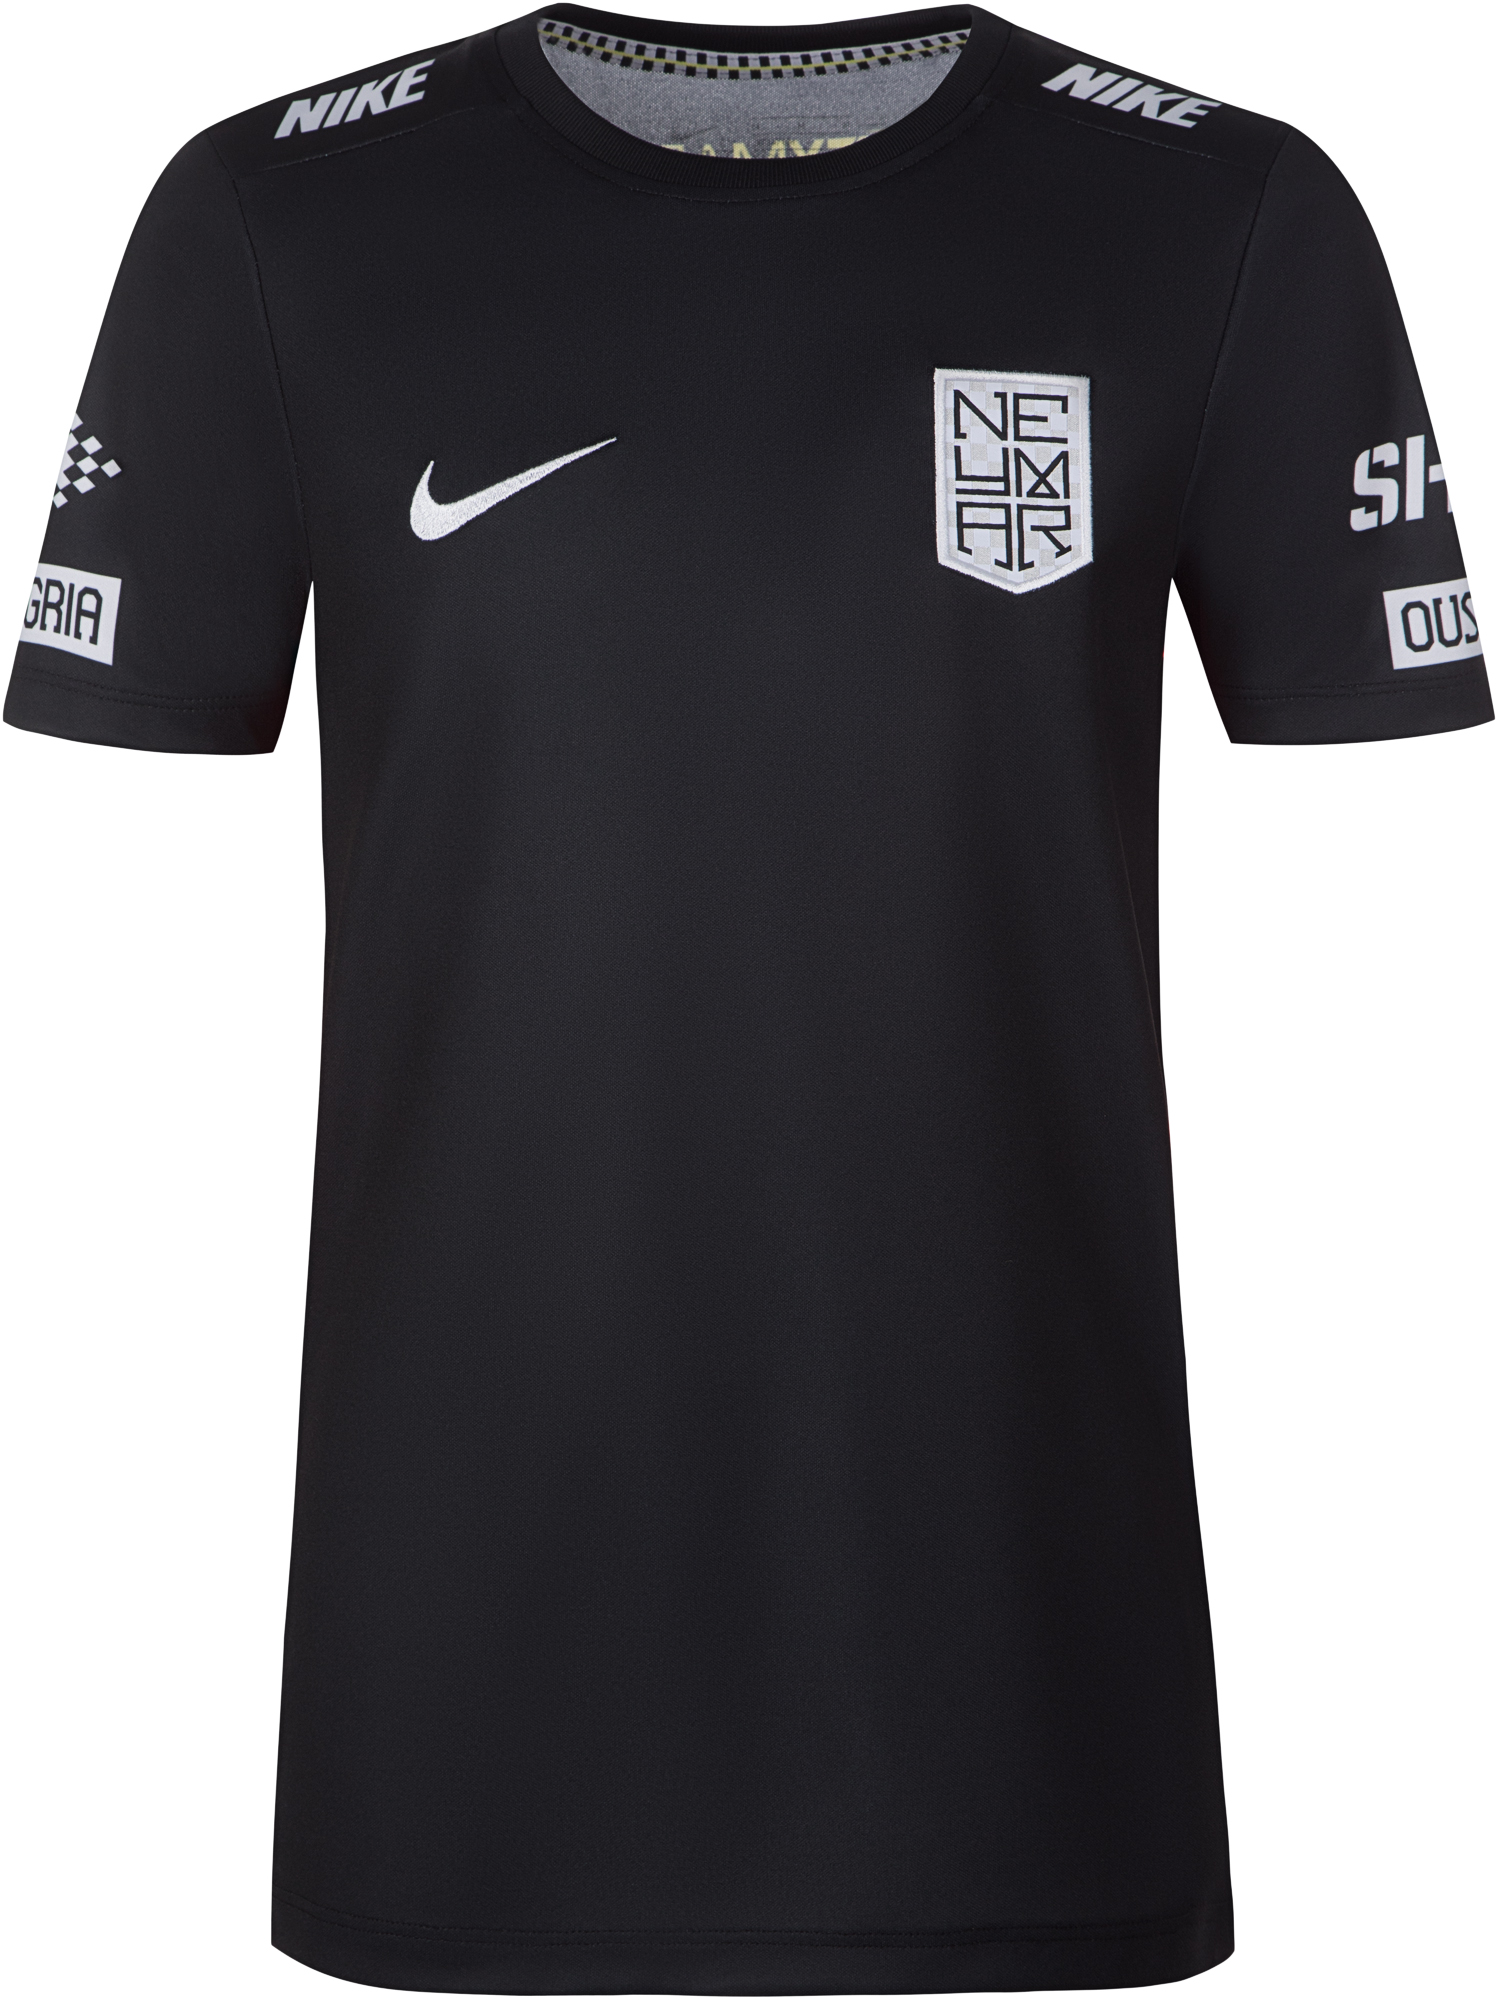 цена Nike Футболка для мальчиков Nike Neymar Jr. Dry, размер 158-170 онлайн в 2017 году